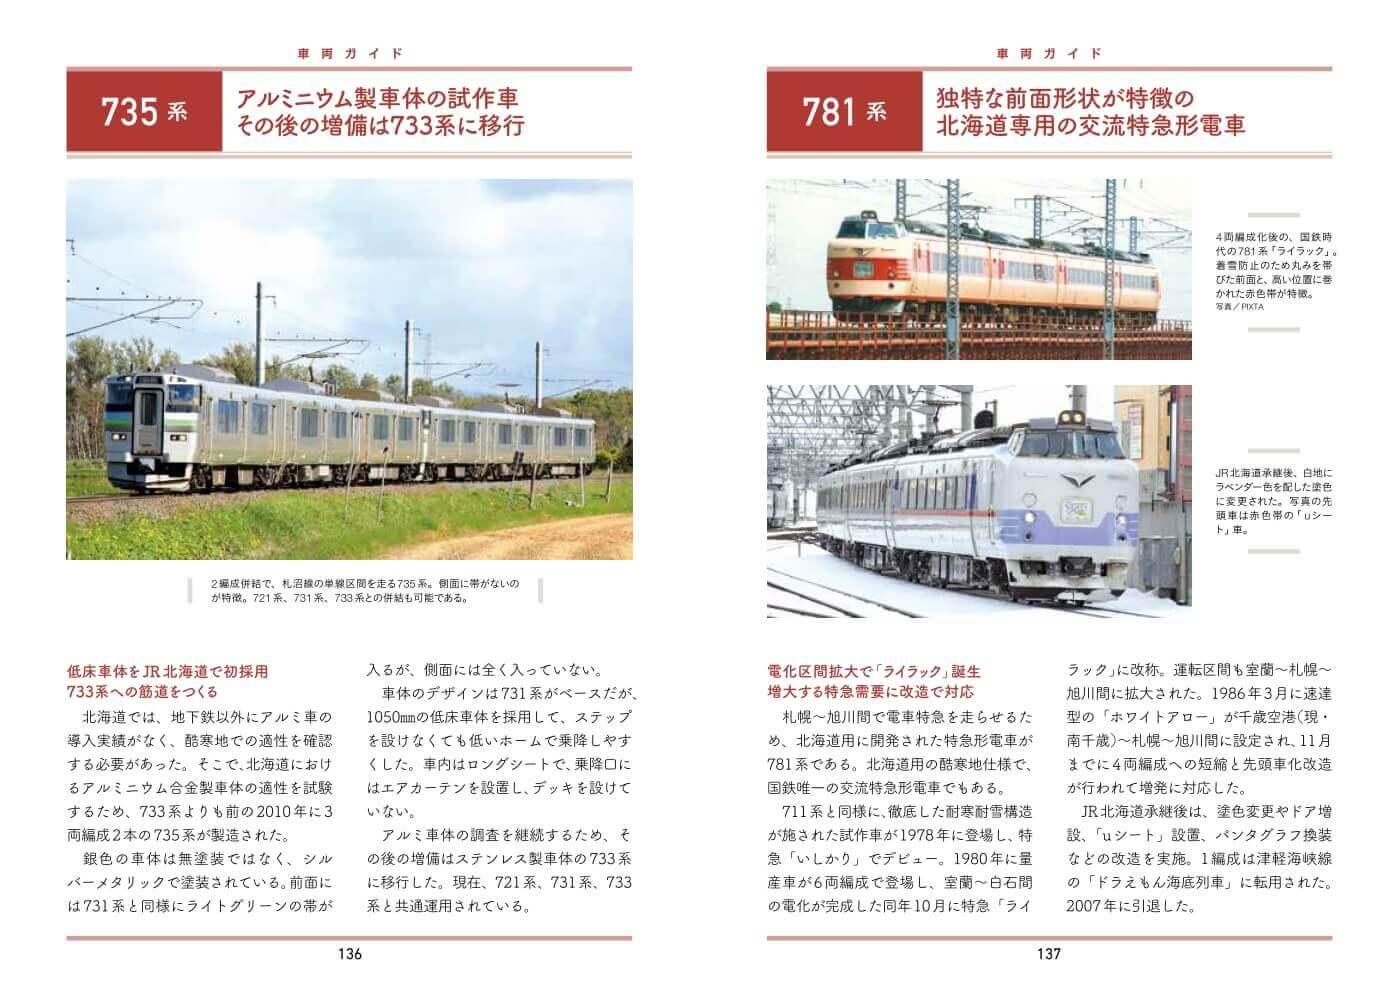 JR路線大全Ⅰ『函館本線・北海道各線』の中身